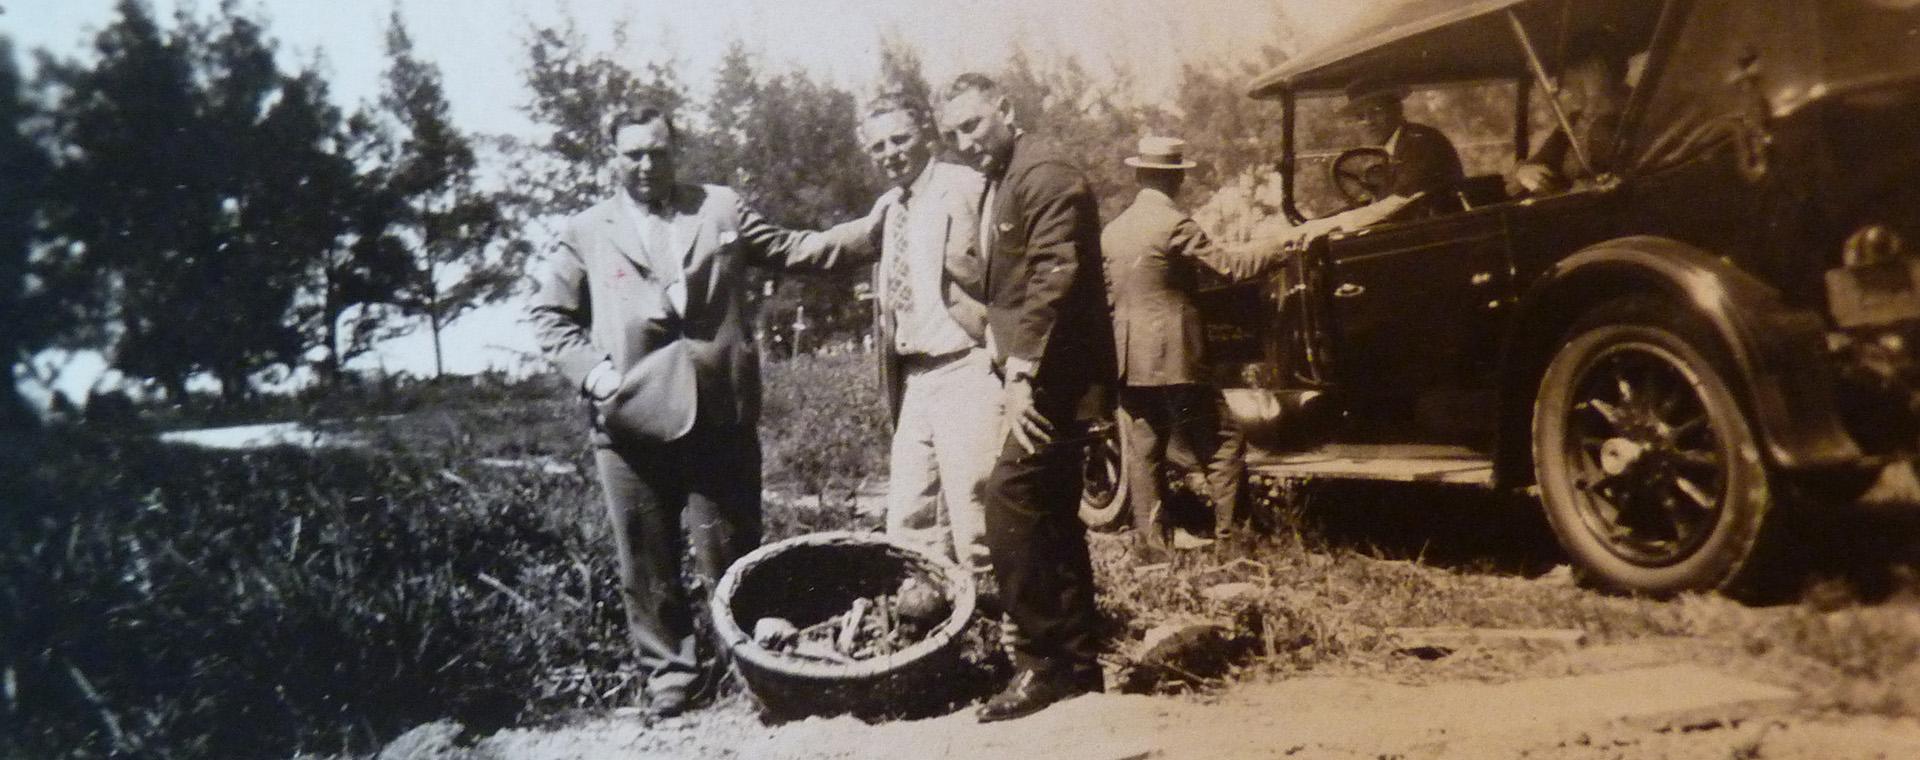 Trois hommes prennent la pose devant une automobile de l'époque.